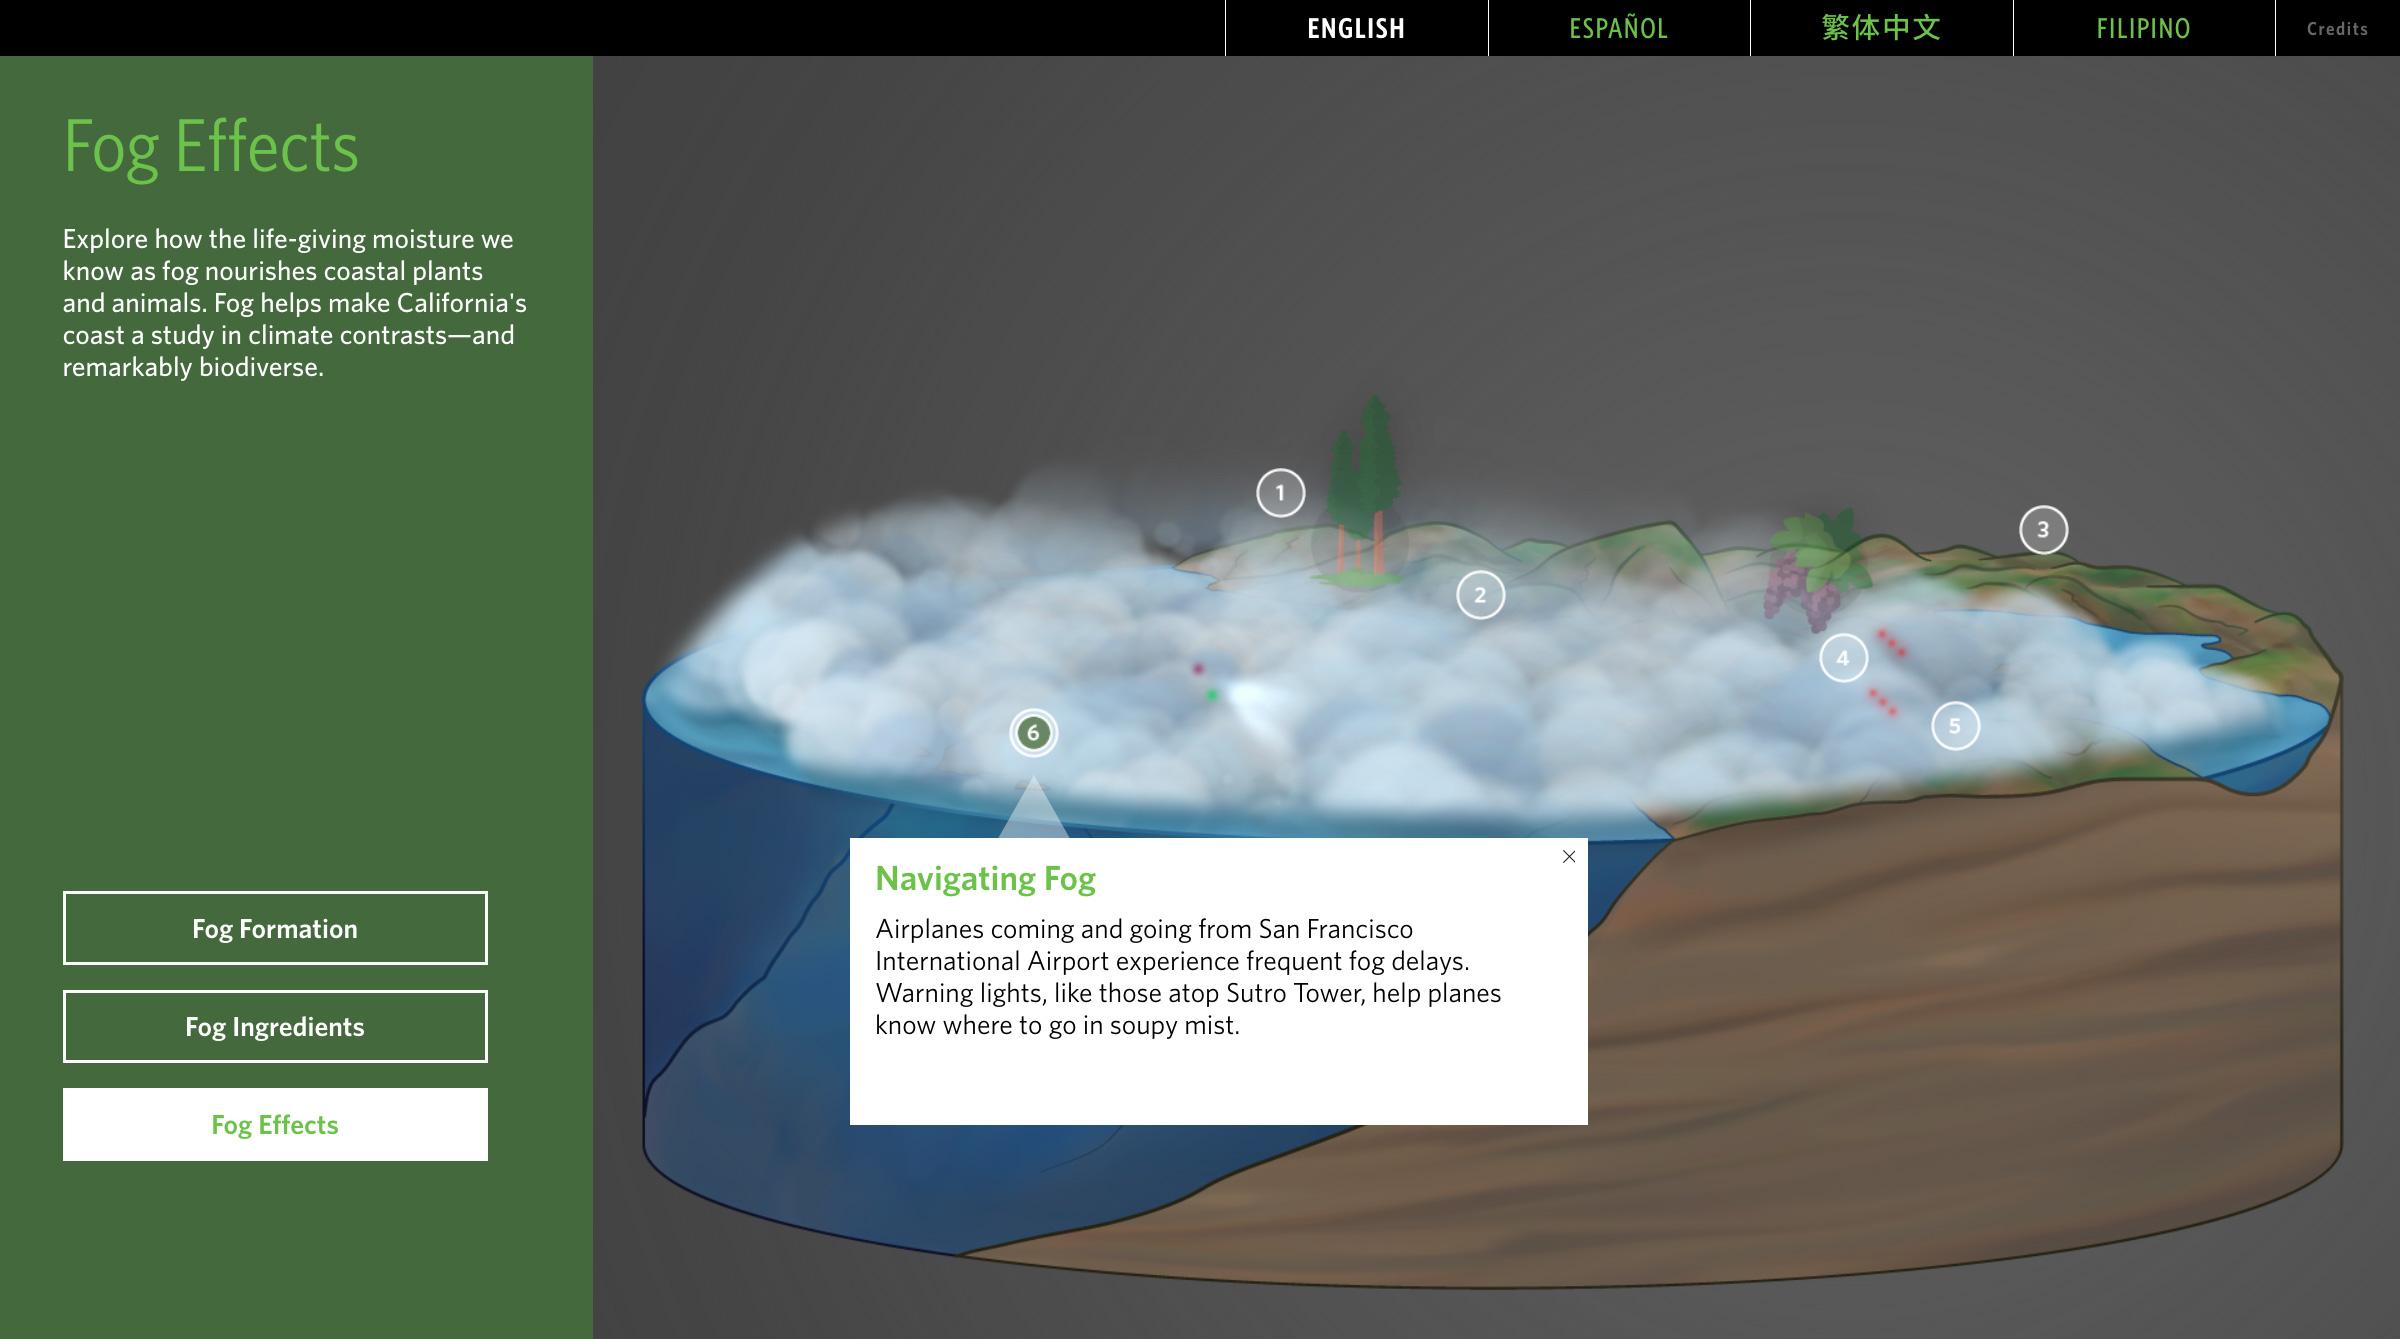 fog-fog_effects-6.jpg